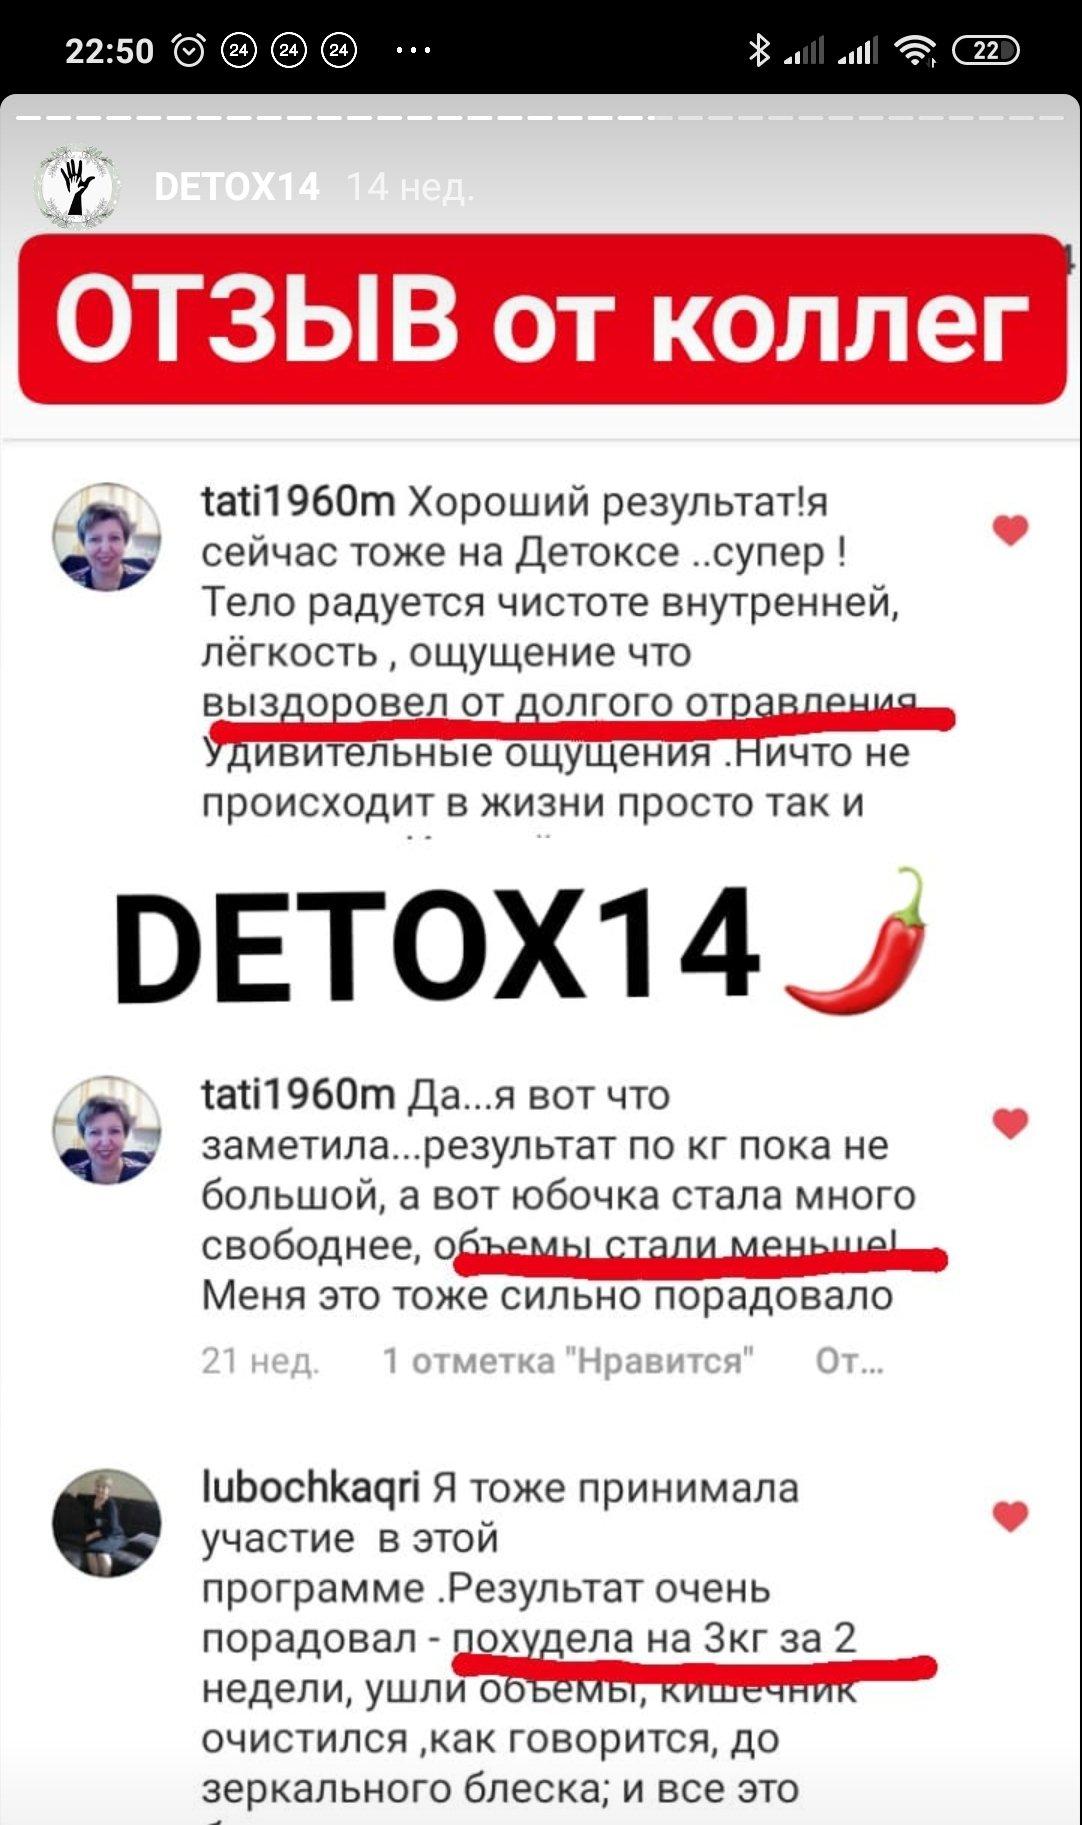 DETOX-14